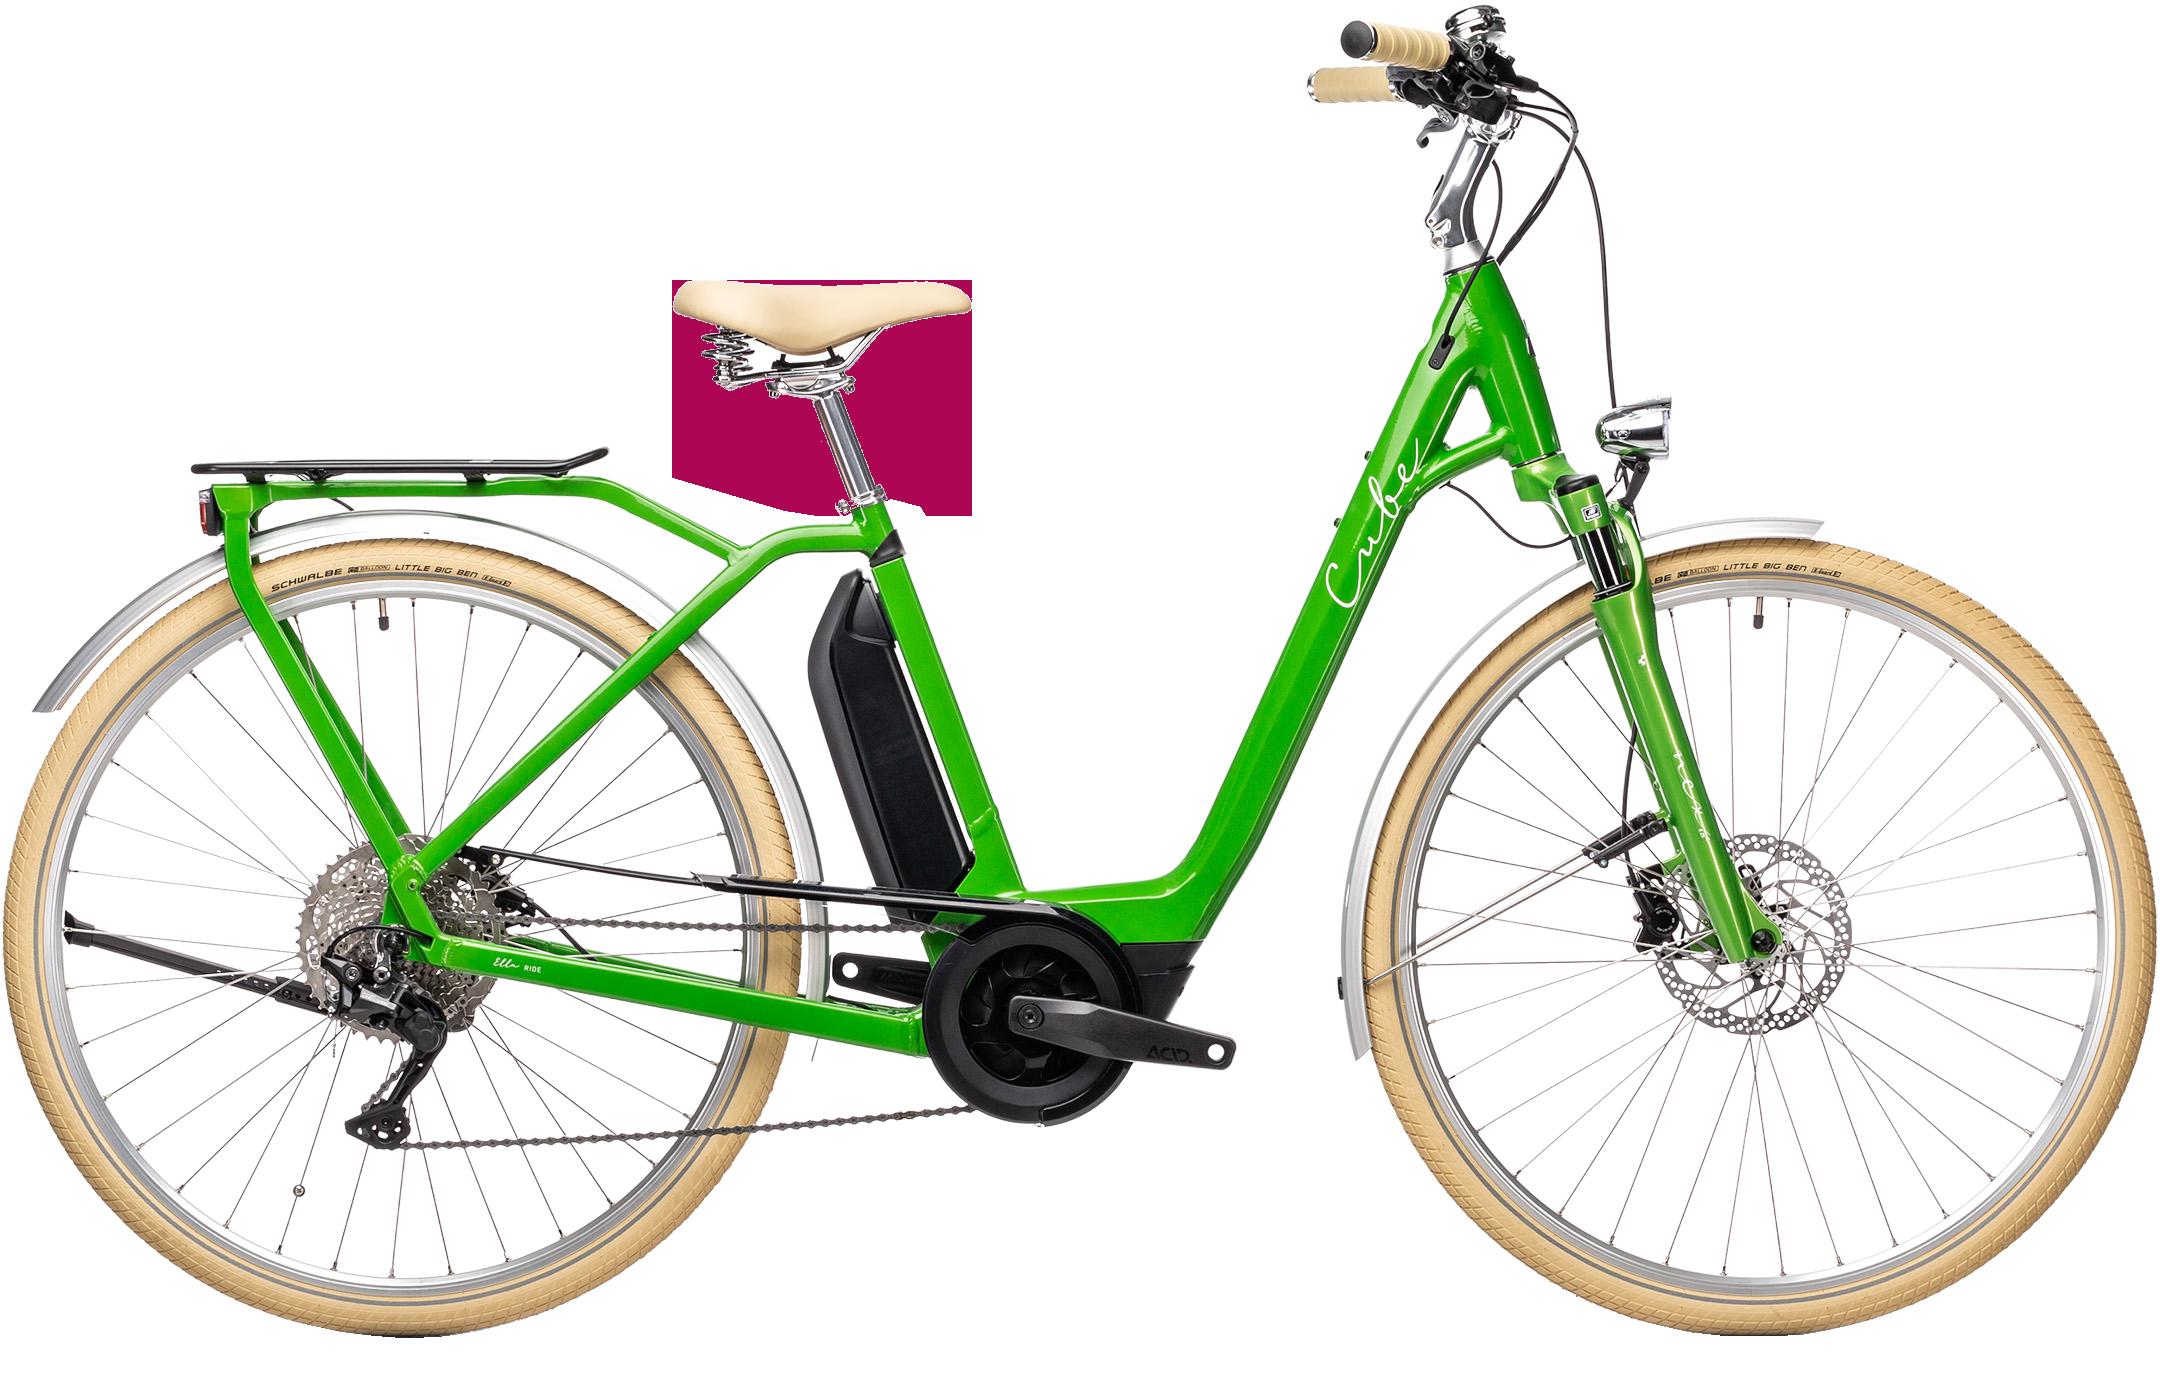 https://w8w5m3f8.stackpathcdn.com/20300/cube-ella-ride-hybrid-rednwhite-easy-entry-cm.jpg